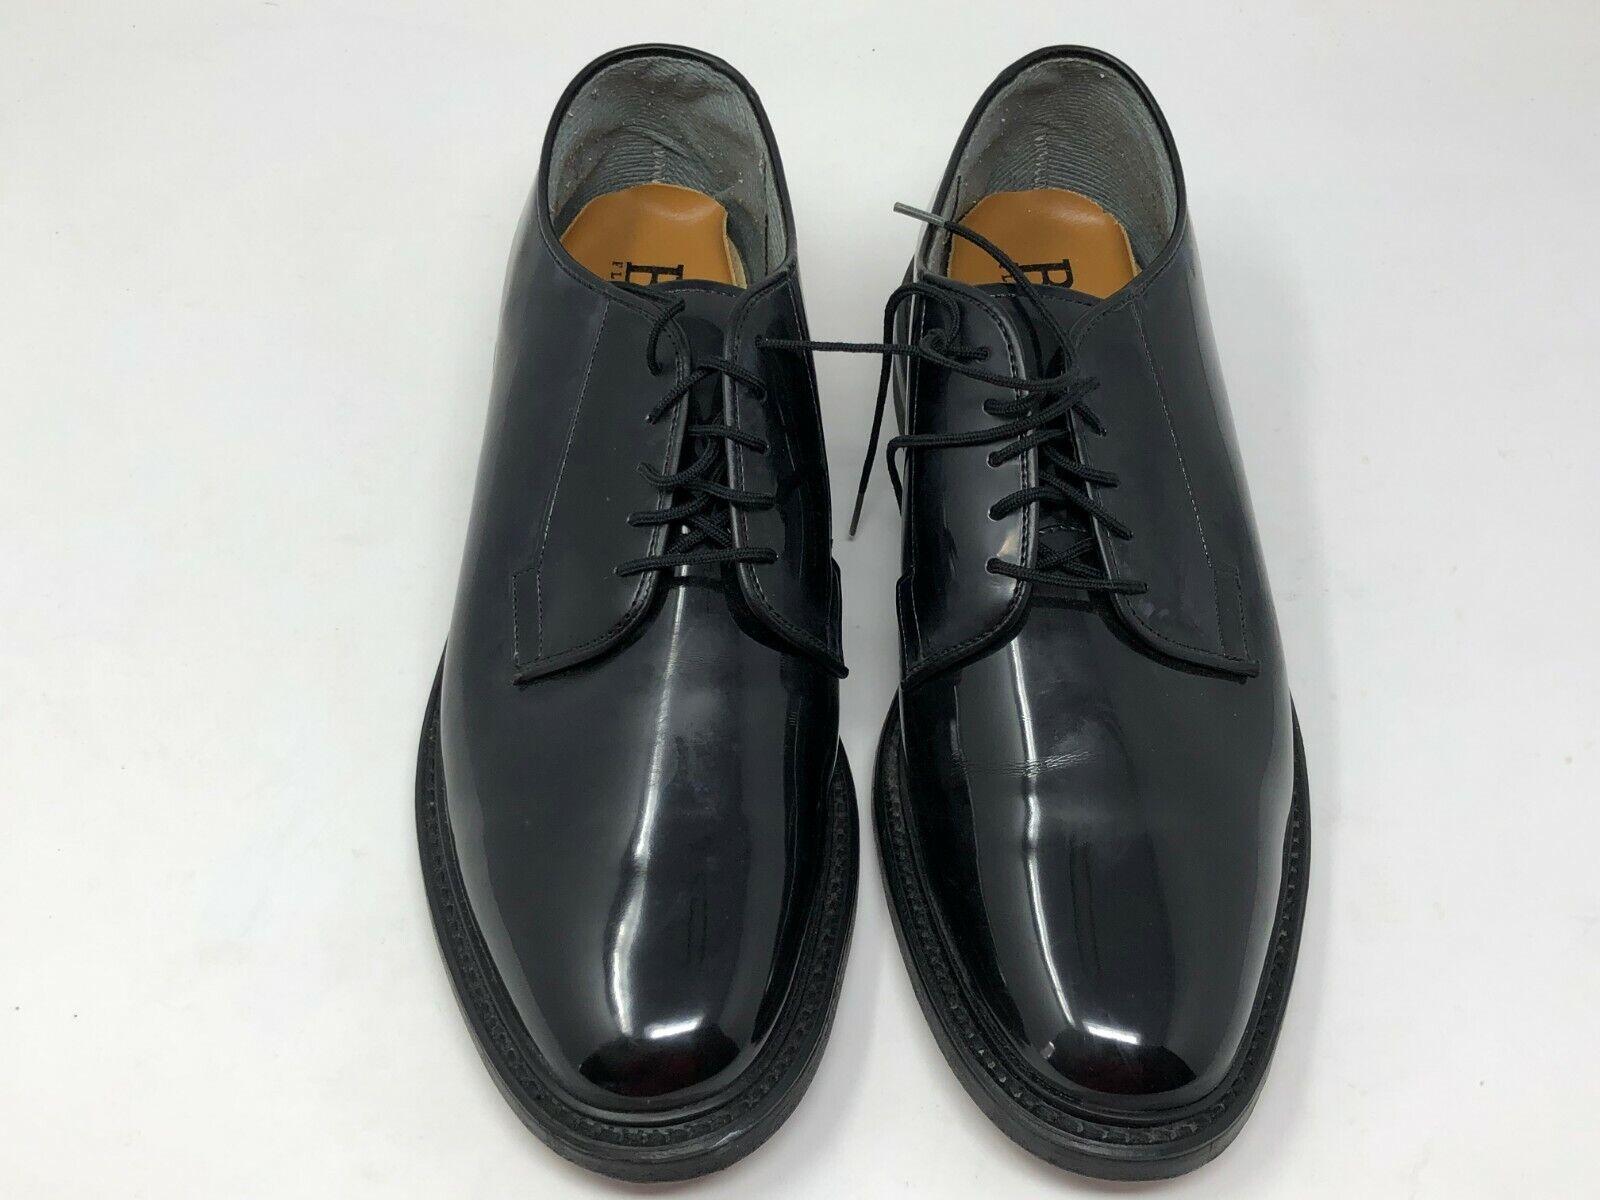 Bates floataways MENS LEATHER UNIFORM OXFORD shoes size 11D ZZ286